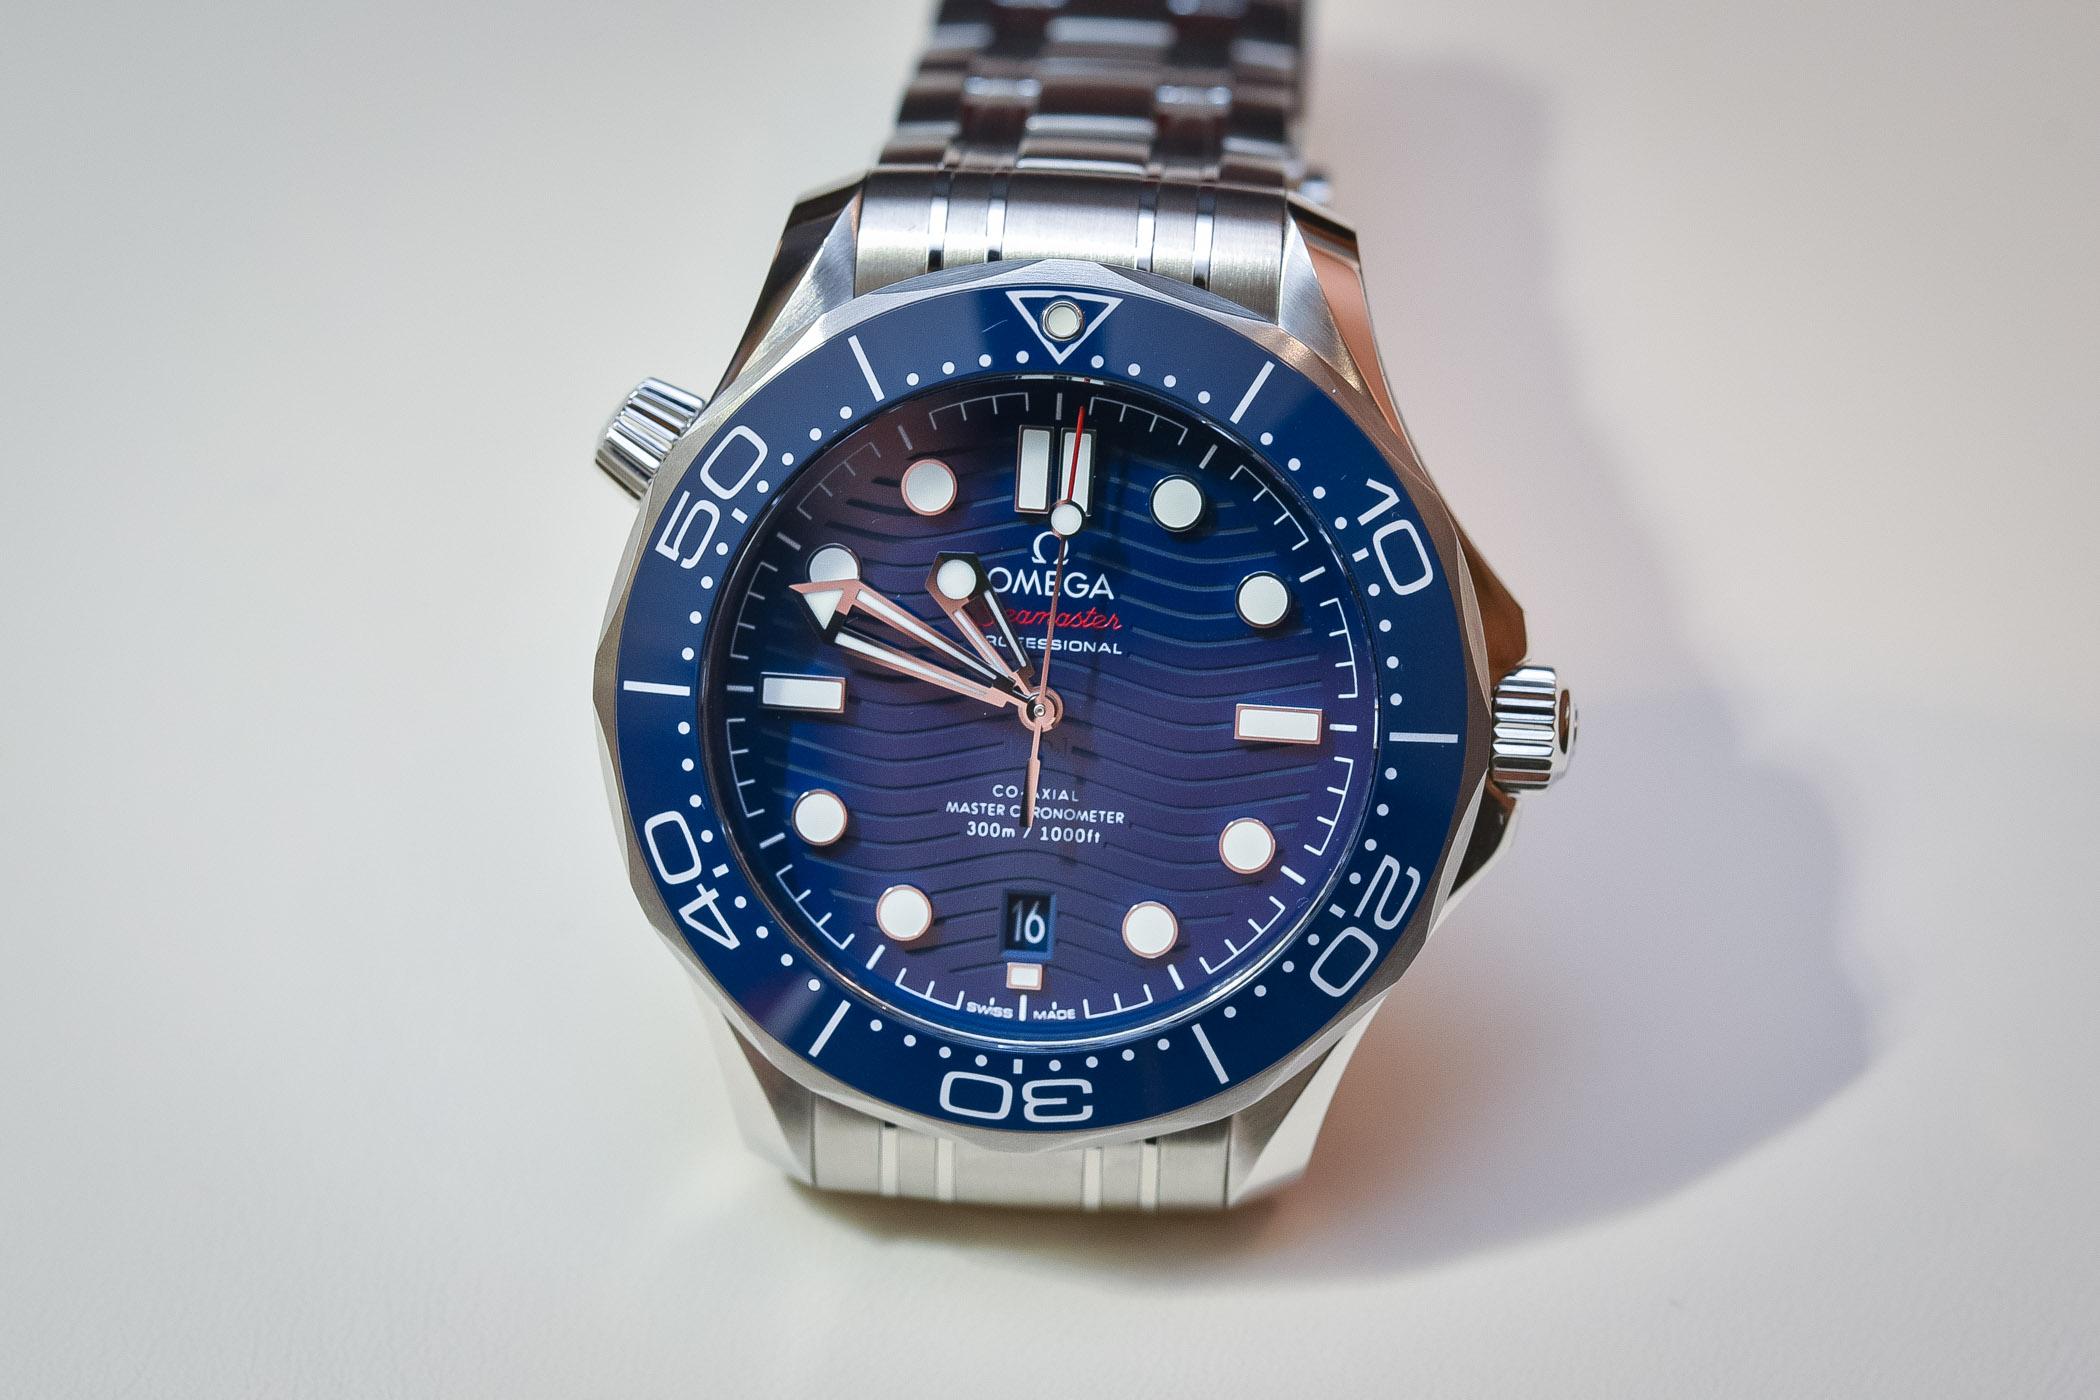 Omega Seamaster Diver 300M SMP - Baselworld 2018